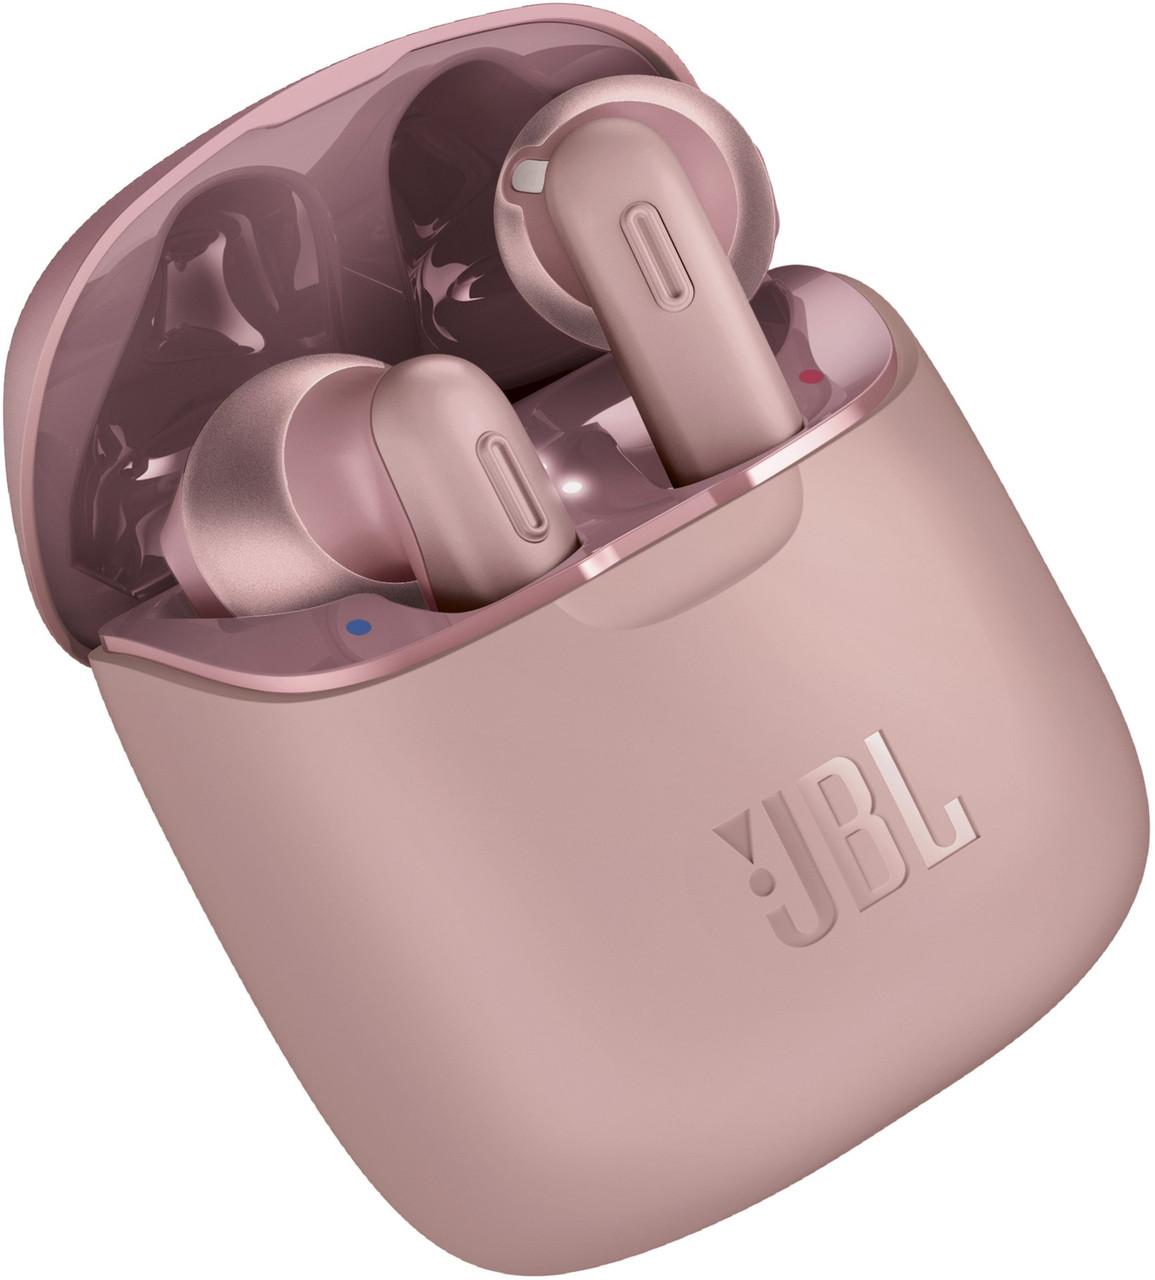 Наушники JBL Tune 220 TWS Pink (JBLT220TWSPIK)